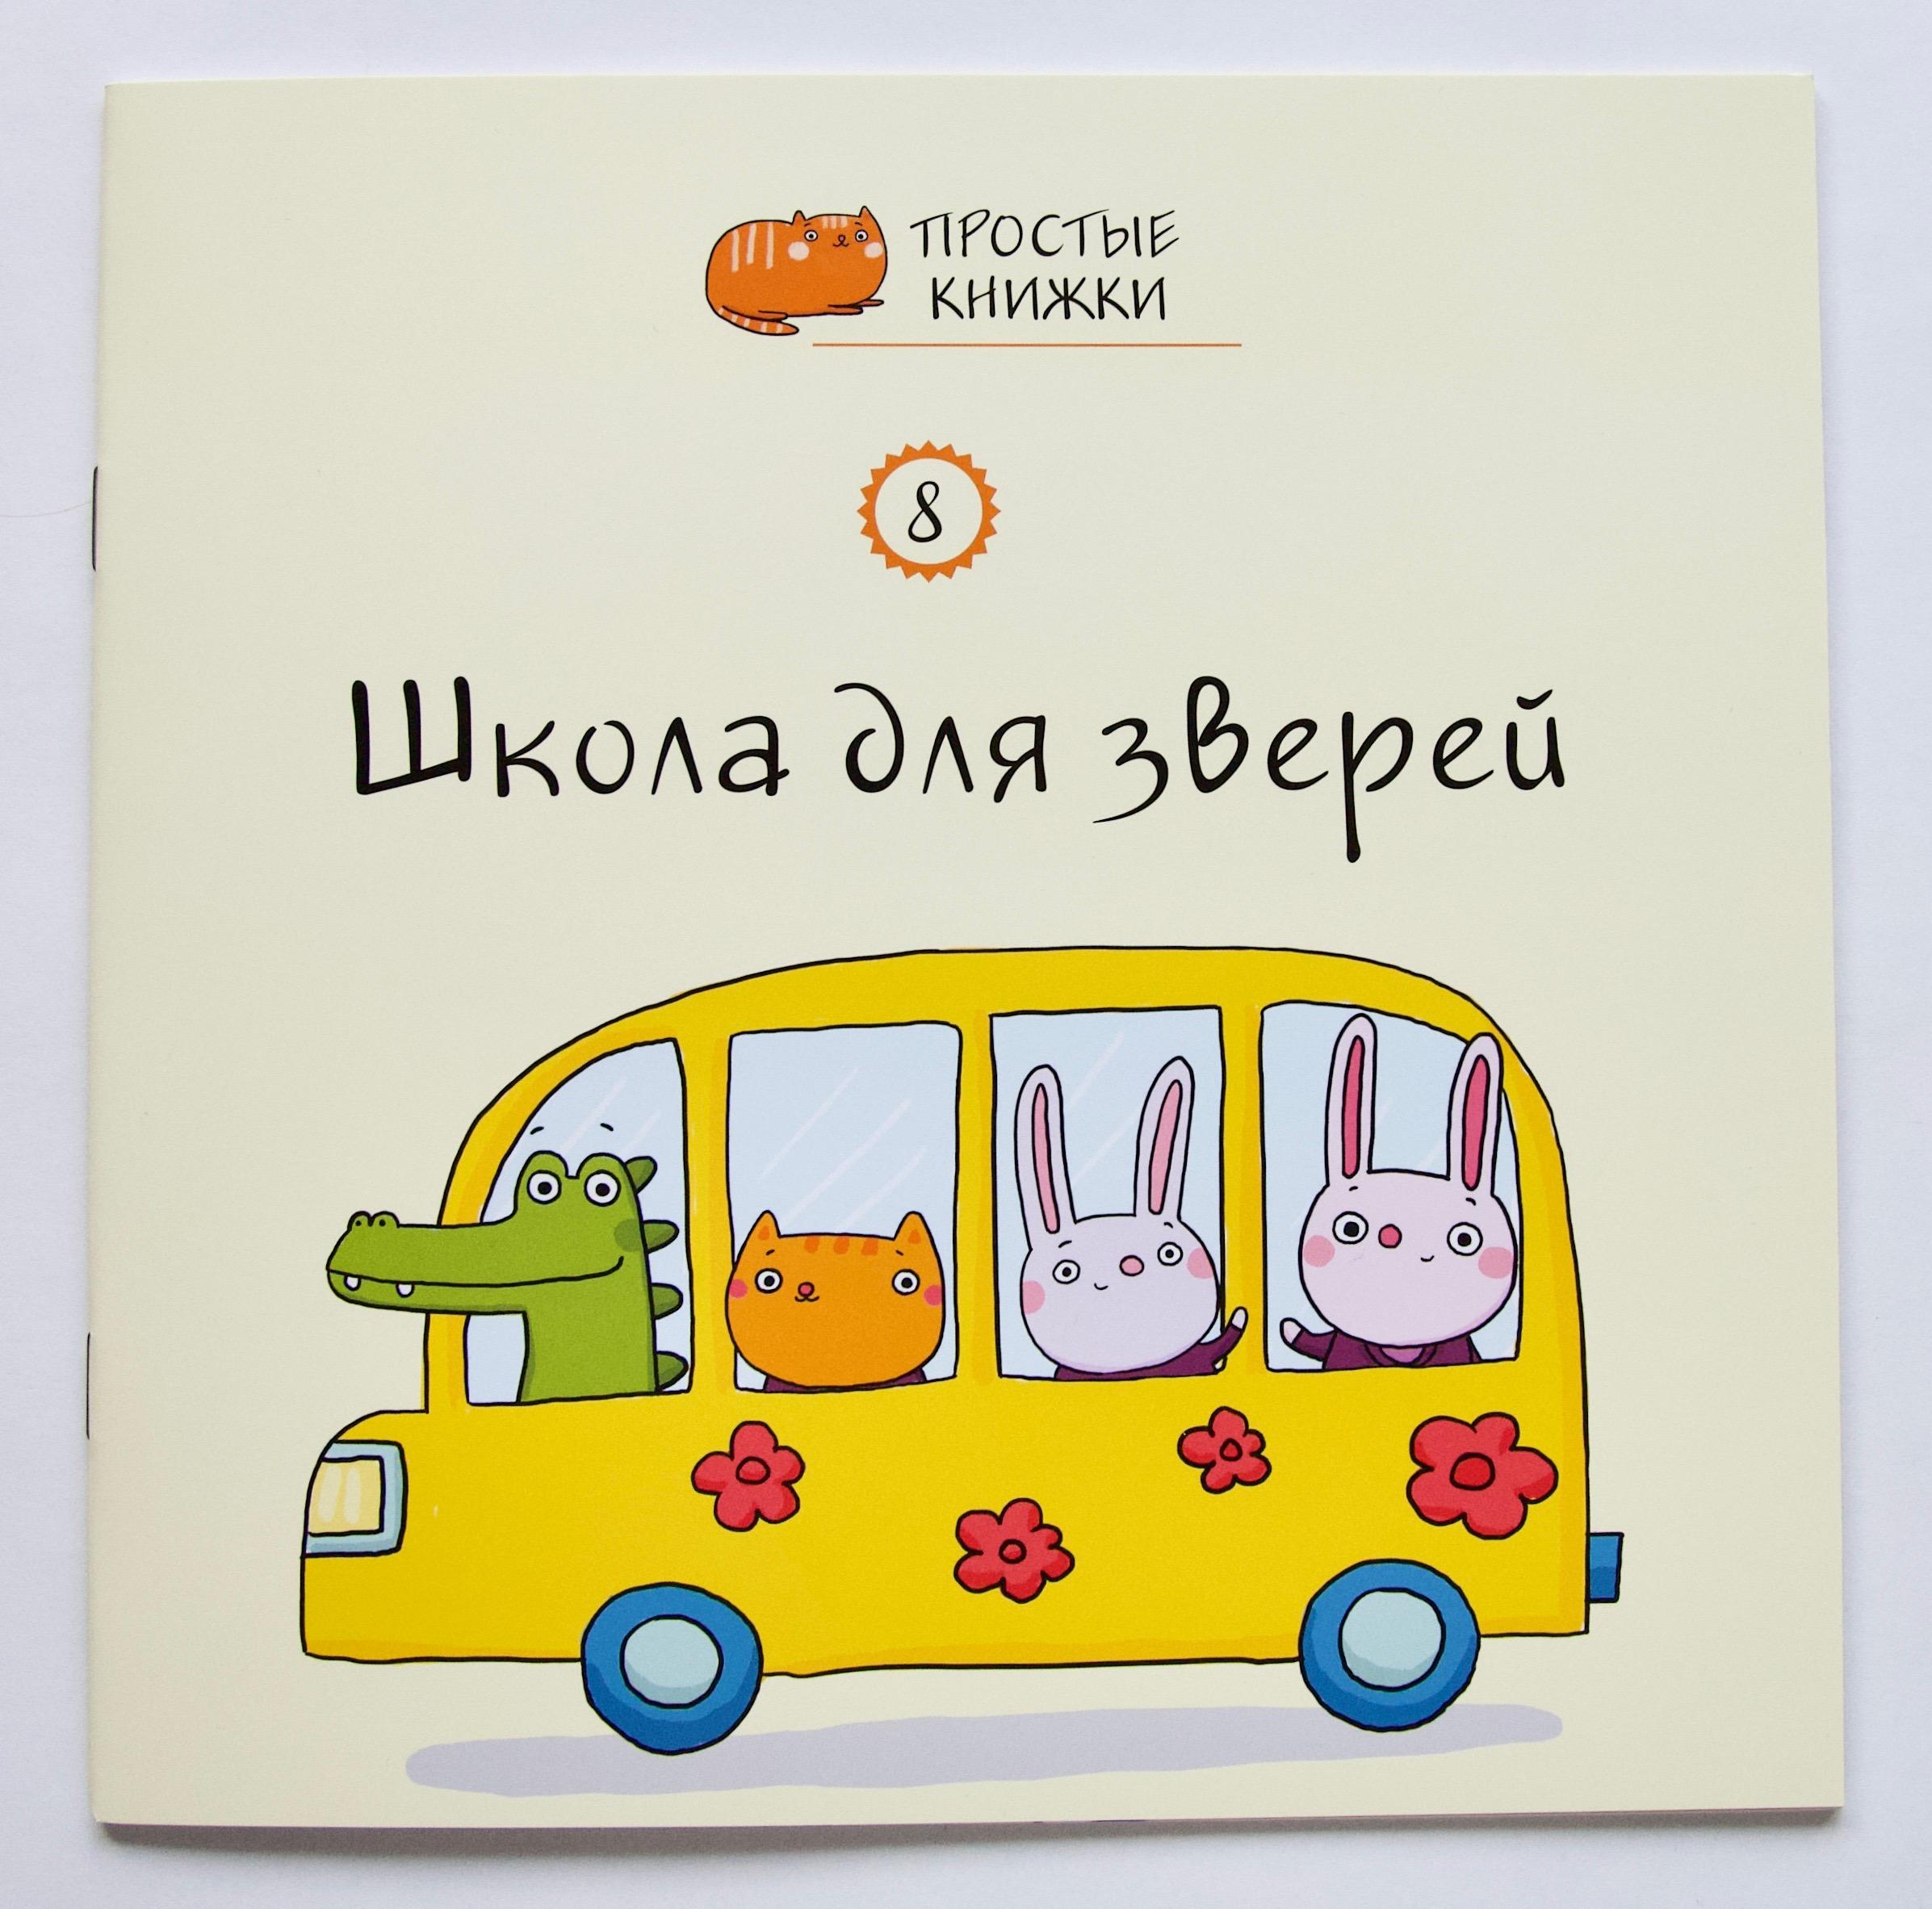 https://www.linguamedia.co.uk/product/prostye-knizhki-shkola-dlya-zverej/#iLightbox[product-gallery]/1